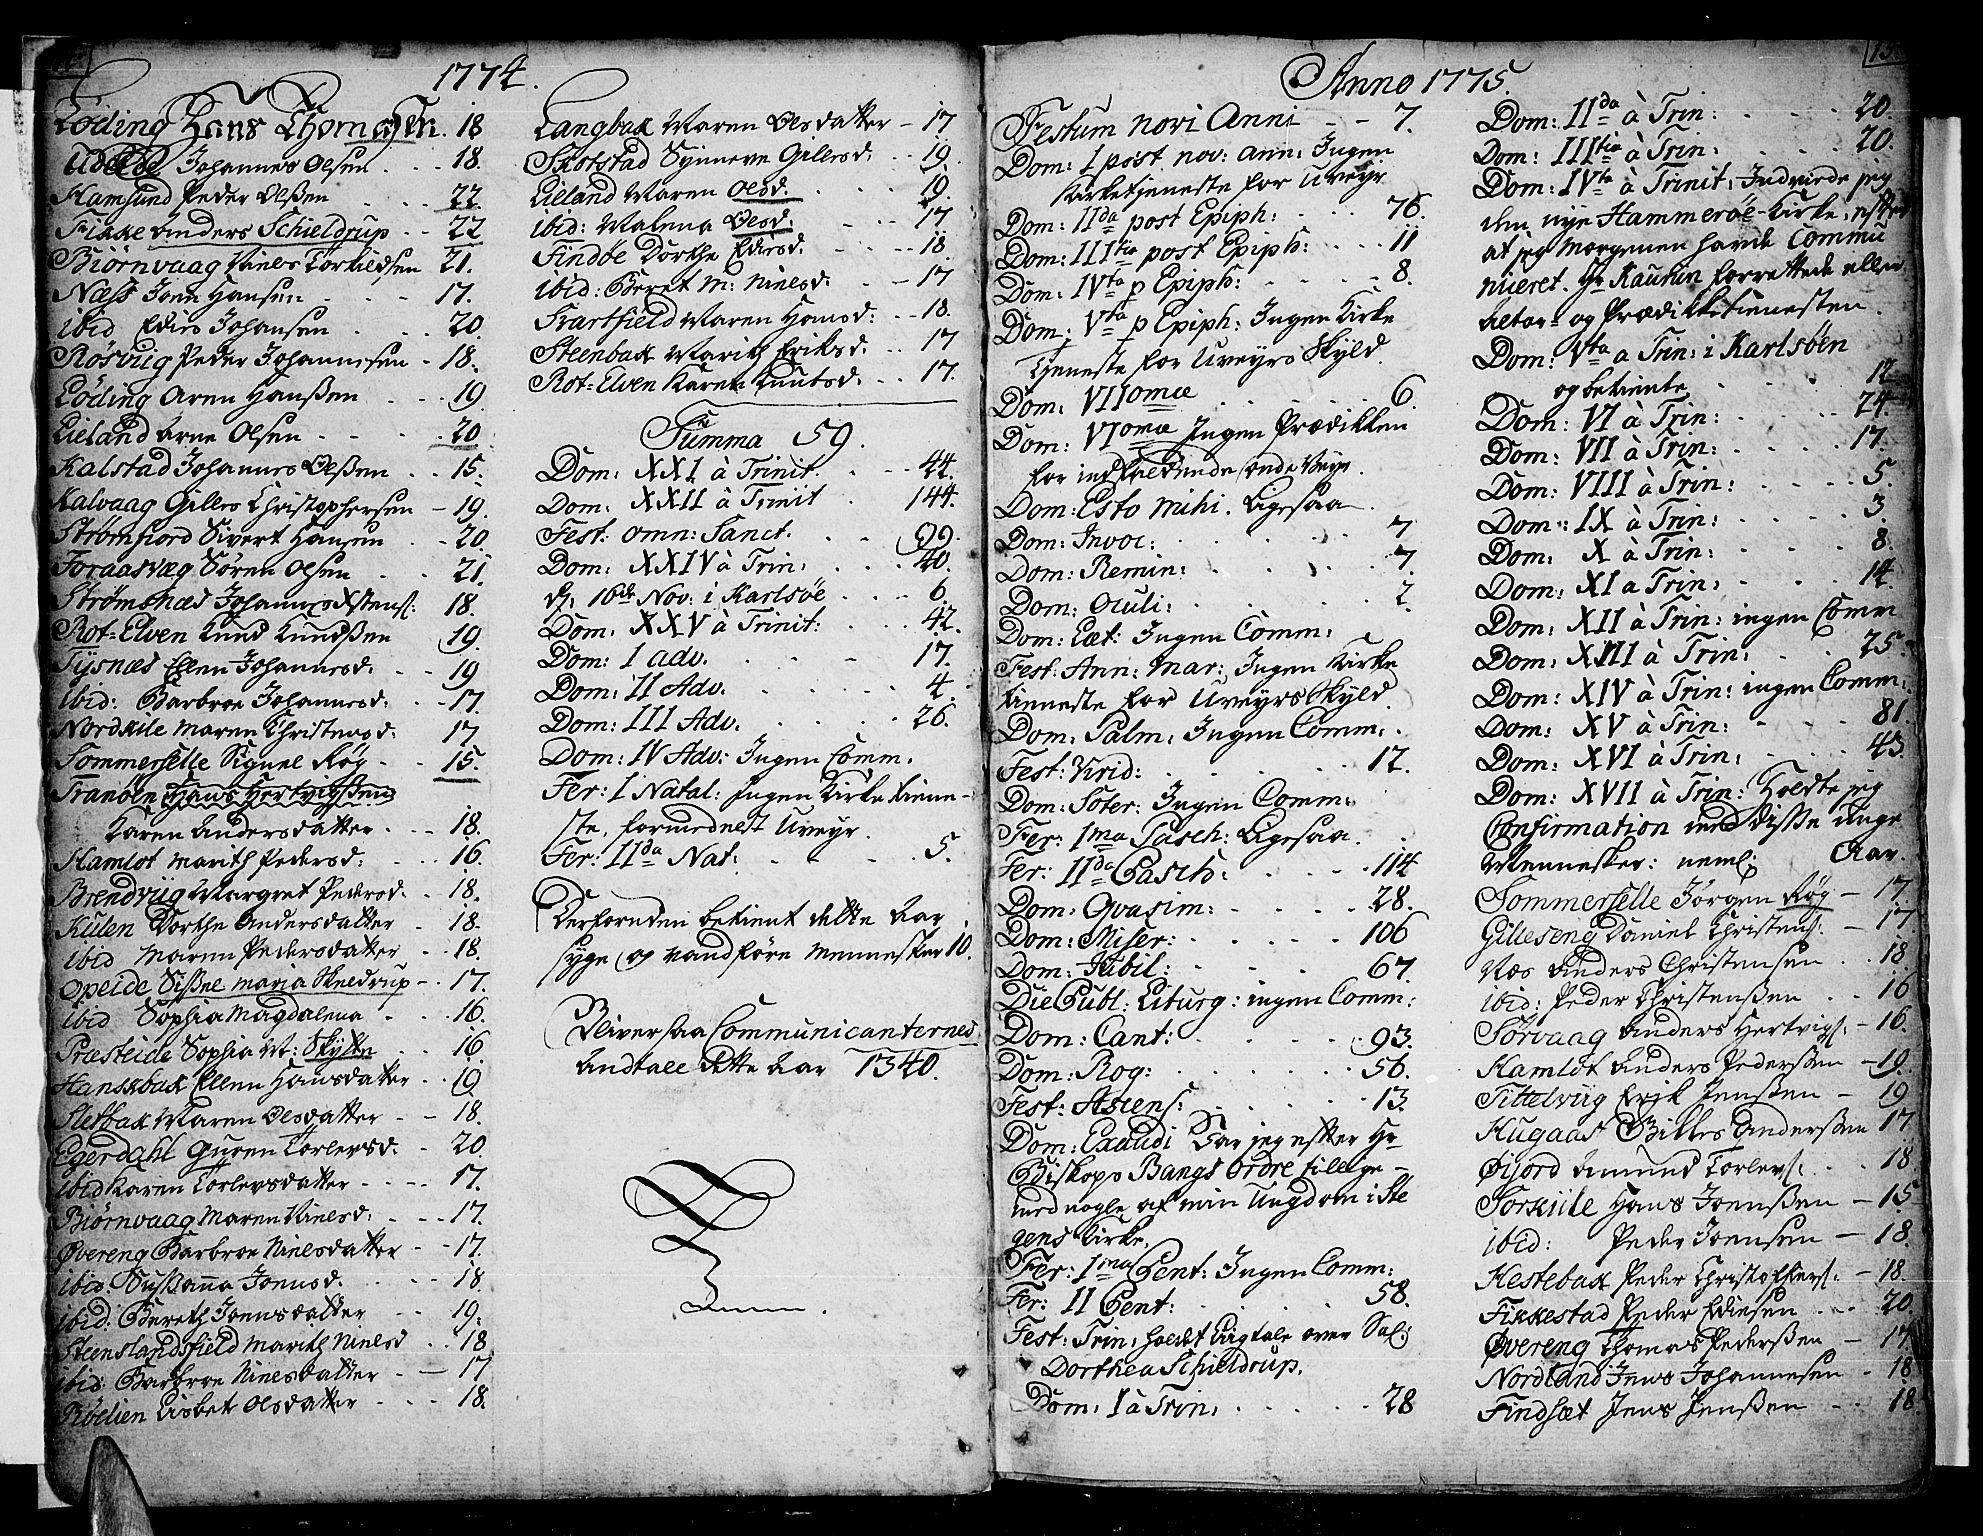 SAT, Ministerialprotokoller, klokkerbøker og fødselsregistre - Nordland, 859/L0841: Parish register (official) no. 859A01, 1766-1821, p. 14-15